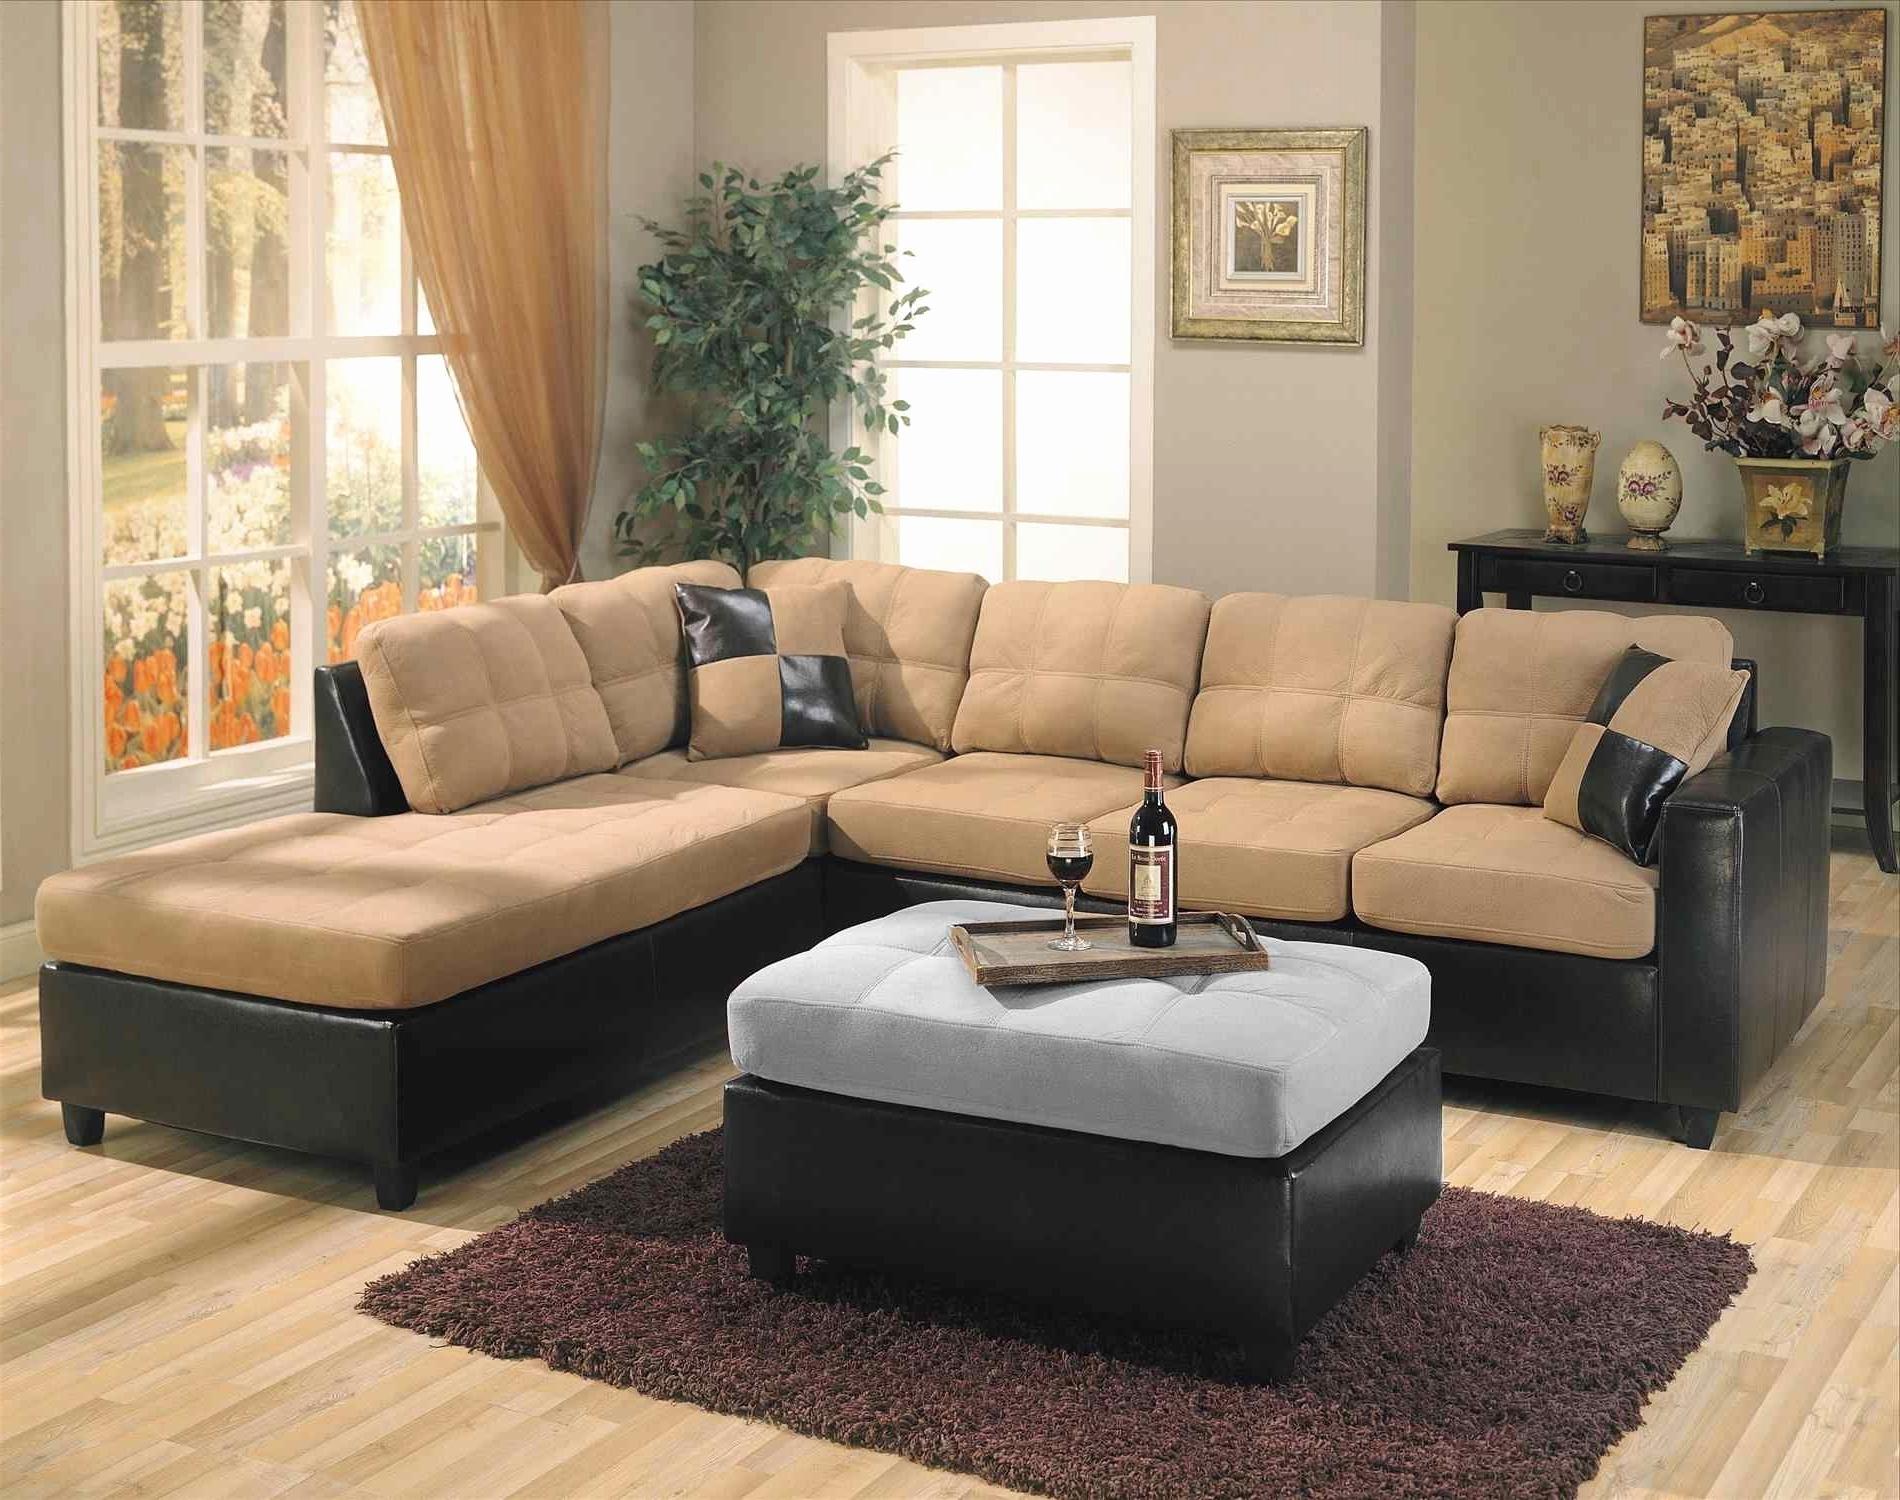 Minneapolis Sectional Sofas With Regard To Famous Sectional Sofa Minneapolis (View 11 of 20)